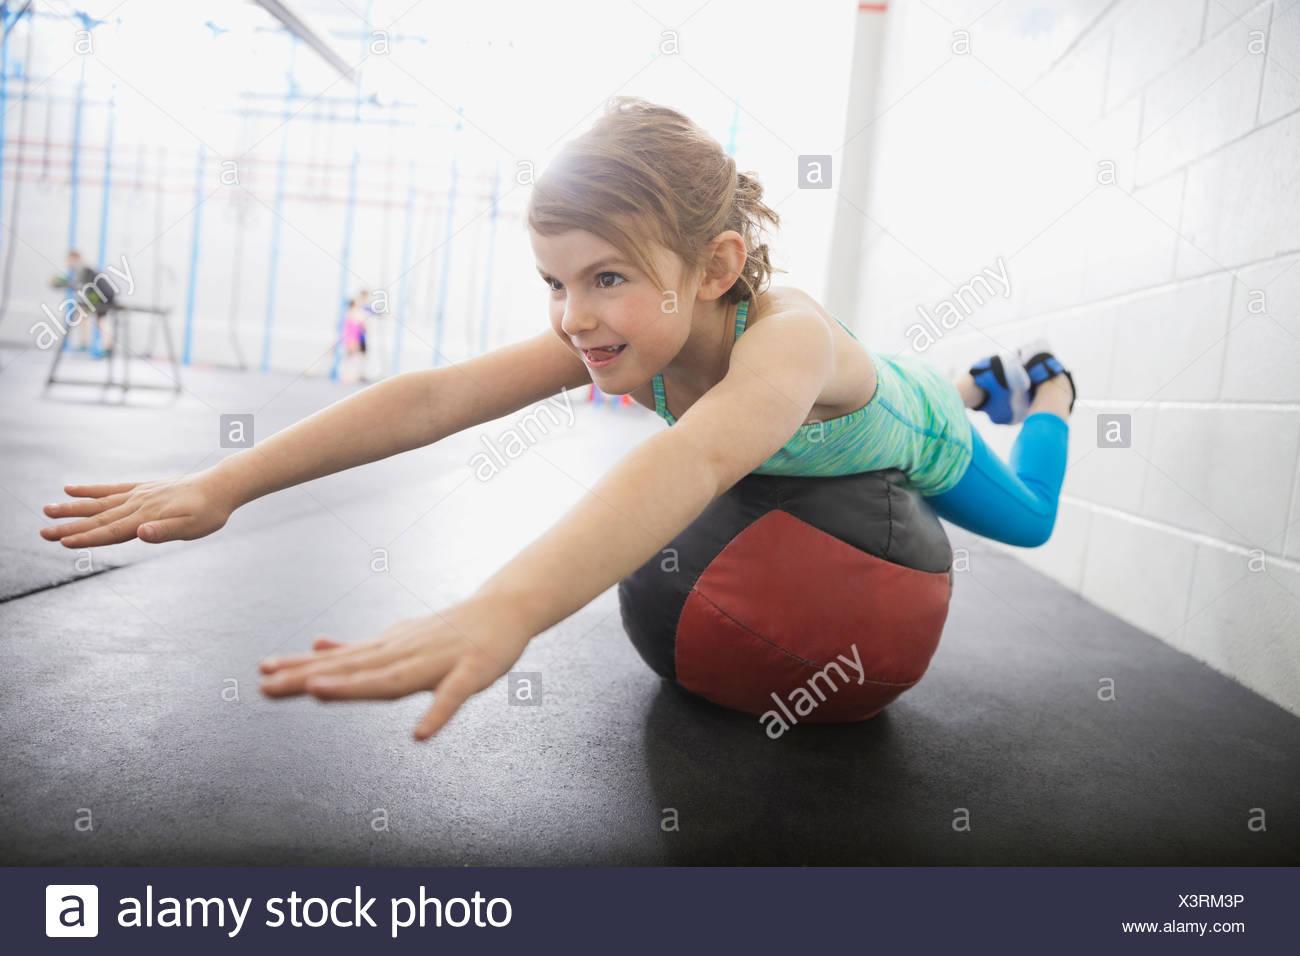 Girl balancing on medicine ball - Stock Image